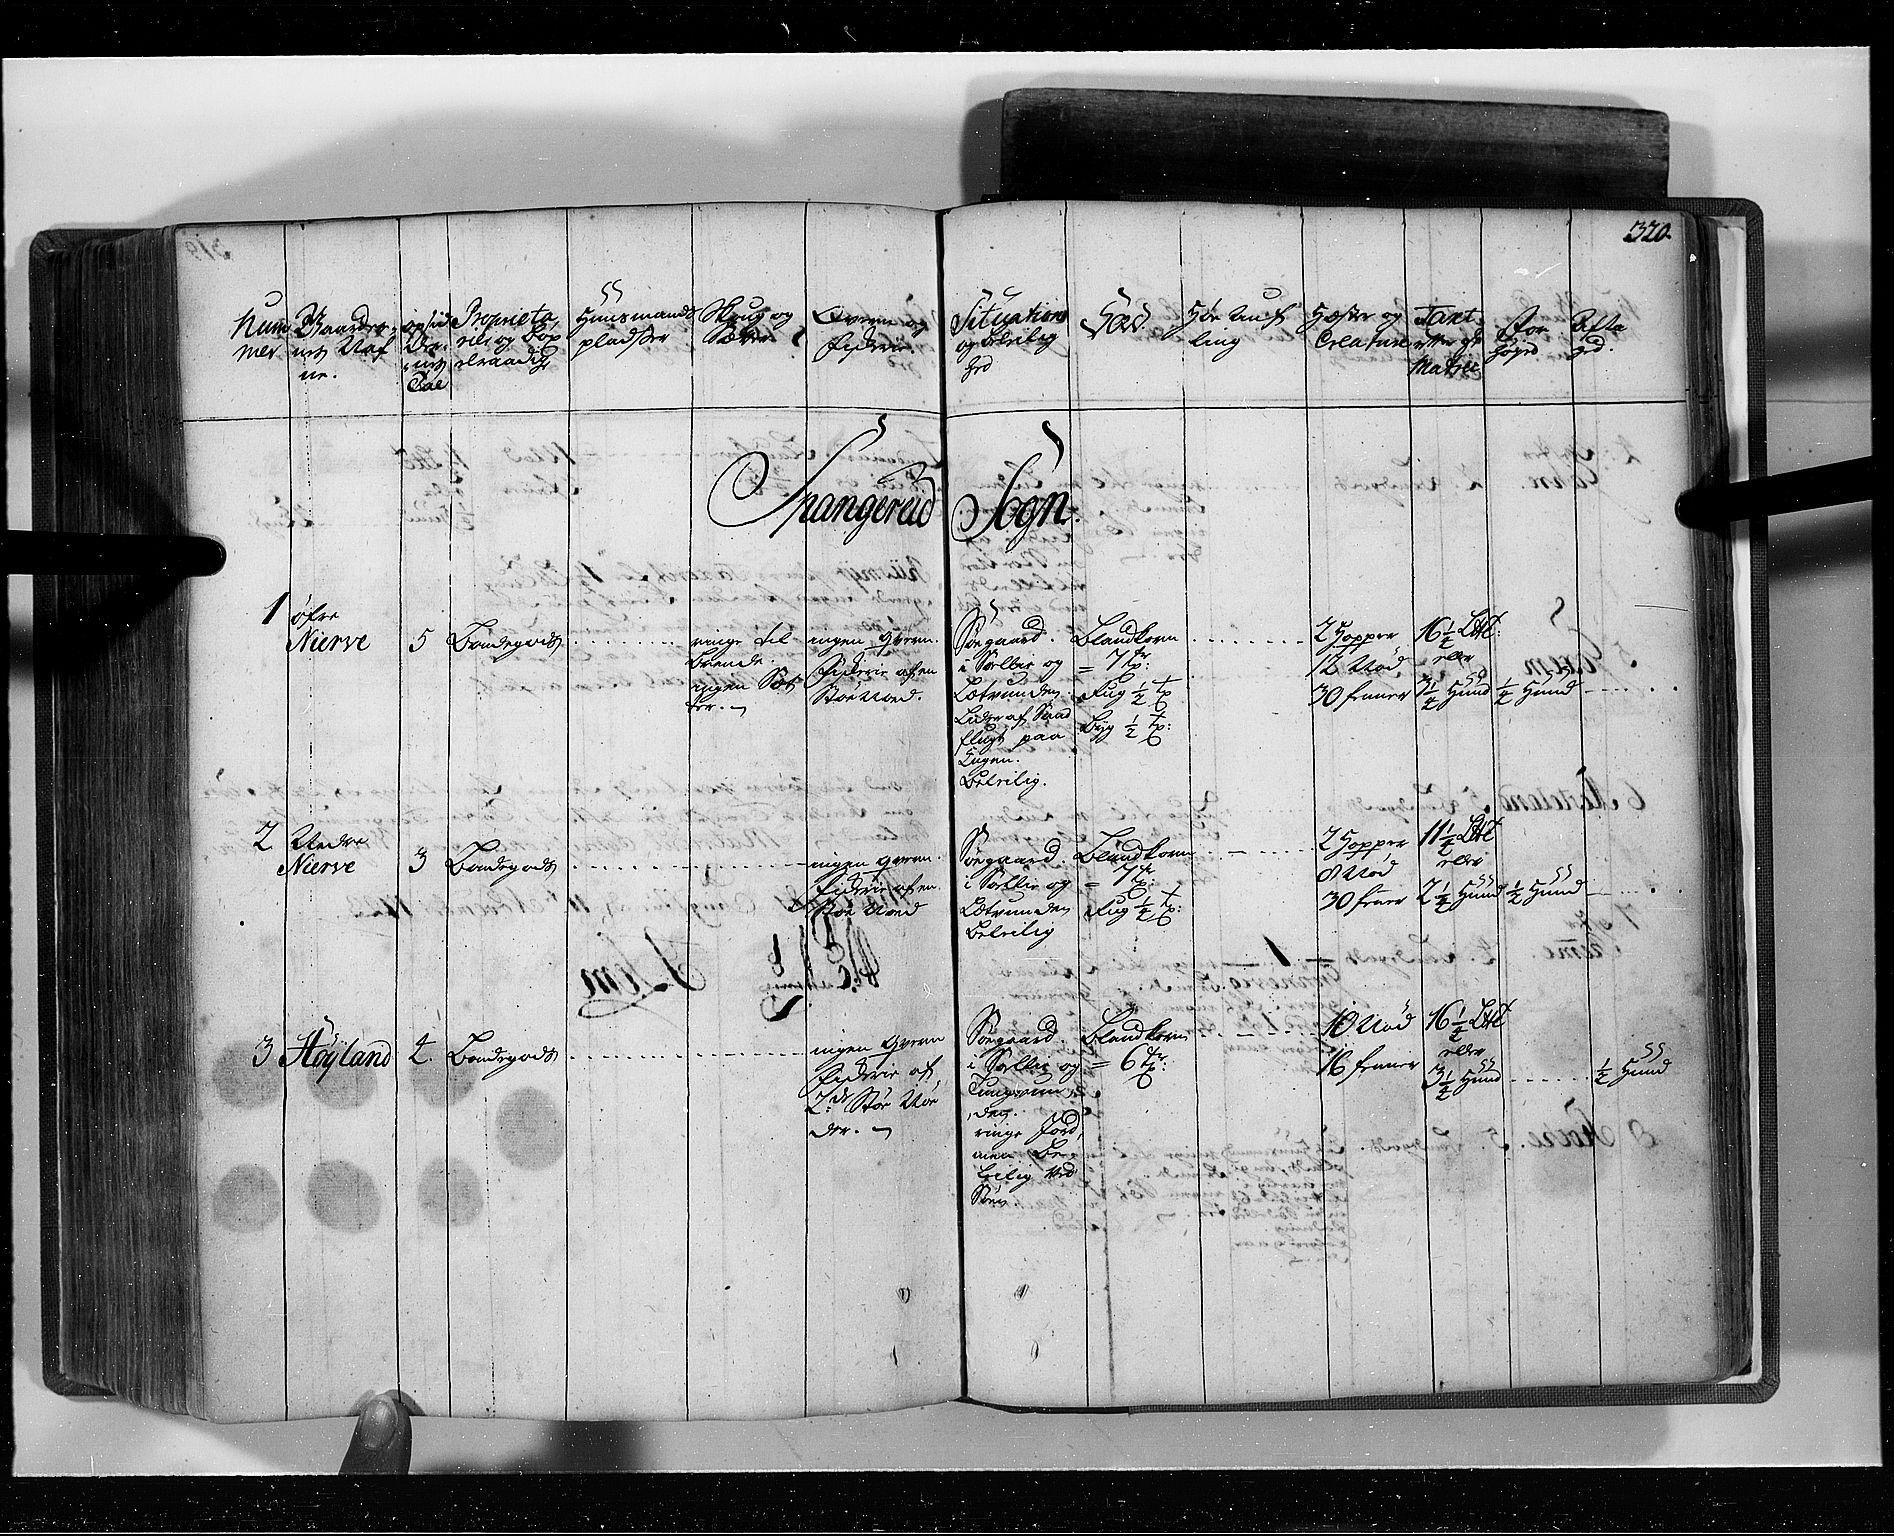 RA, Rentekammeret inntil 1814, Realistisk ordnet avdeling, N/Nb/Nbf/L0129: Lista eksaminasjonsprotokoll, 1723, s. 319b-320a